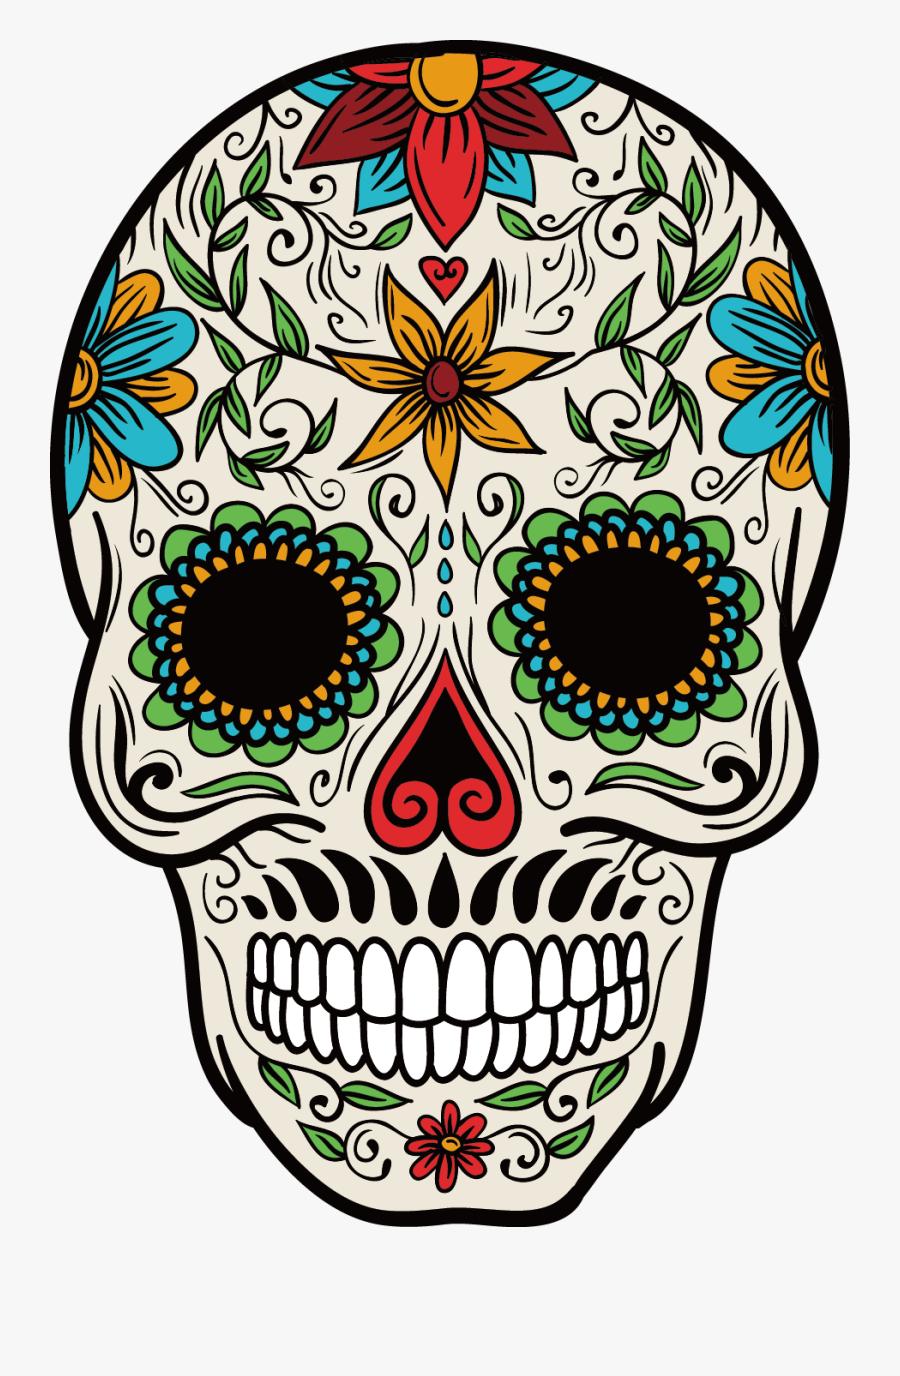 Cuisine Mexican Skull Mexico Color Calavera La Clipart - Calavera Catrina A Color, Transparent Clipart